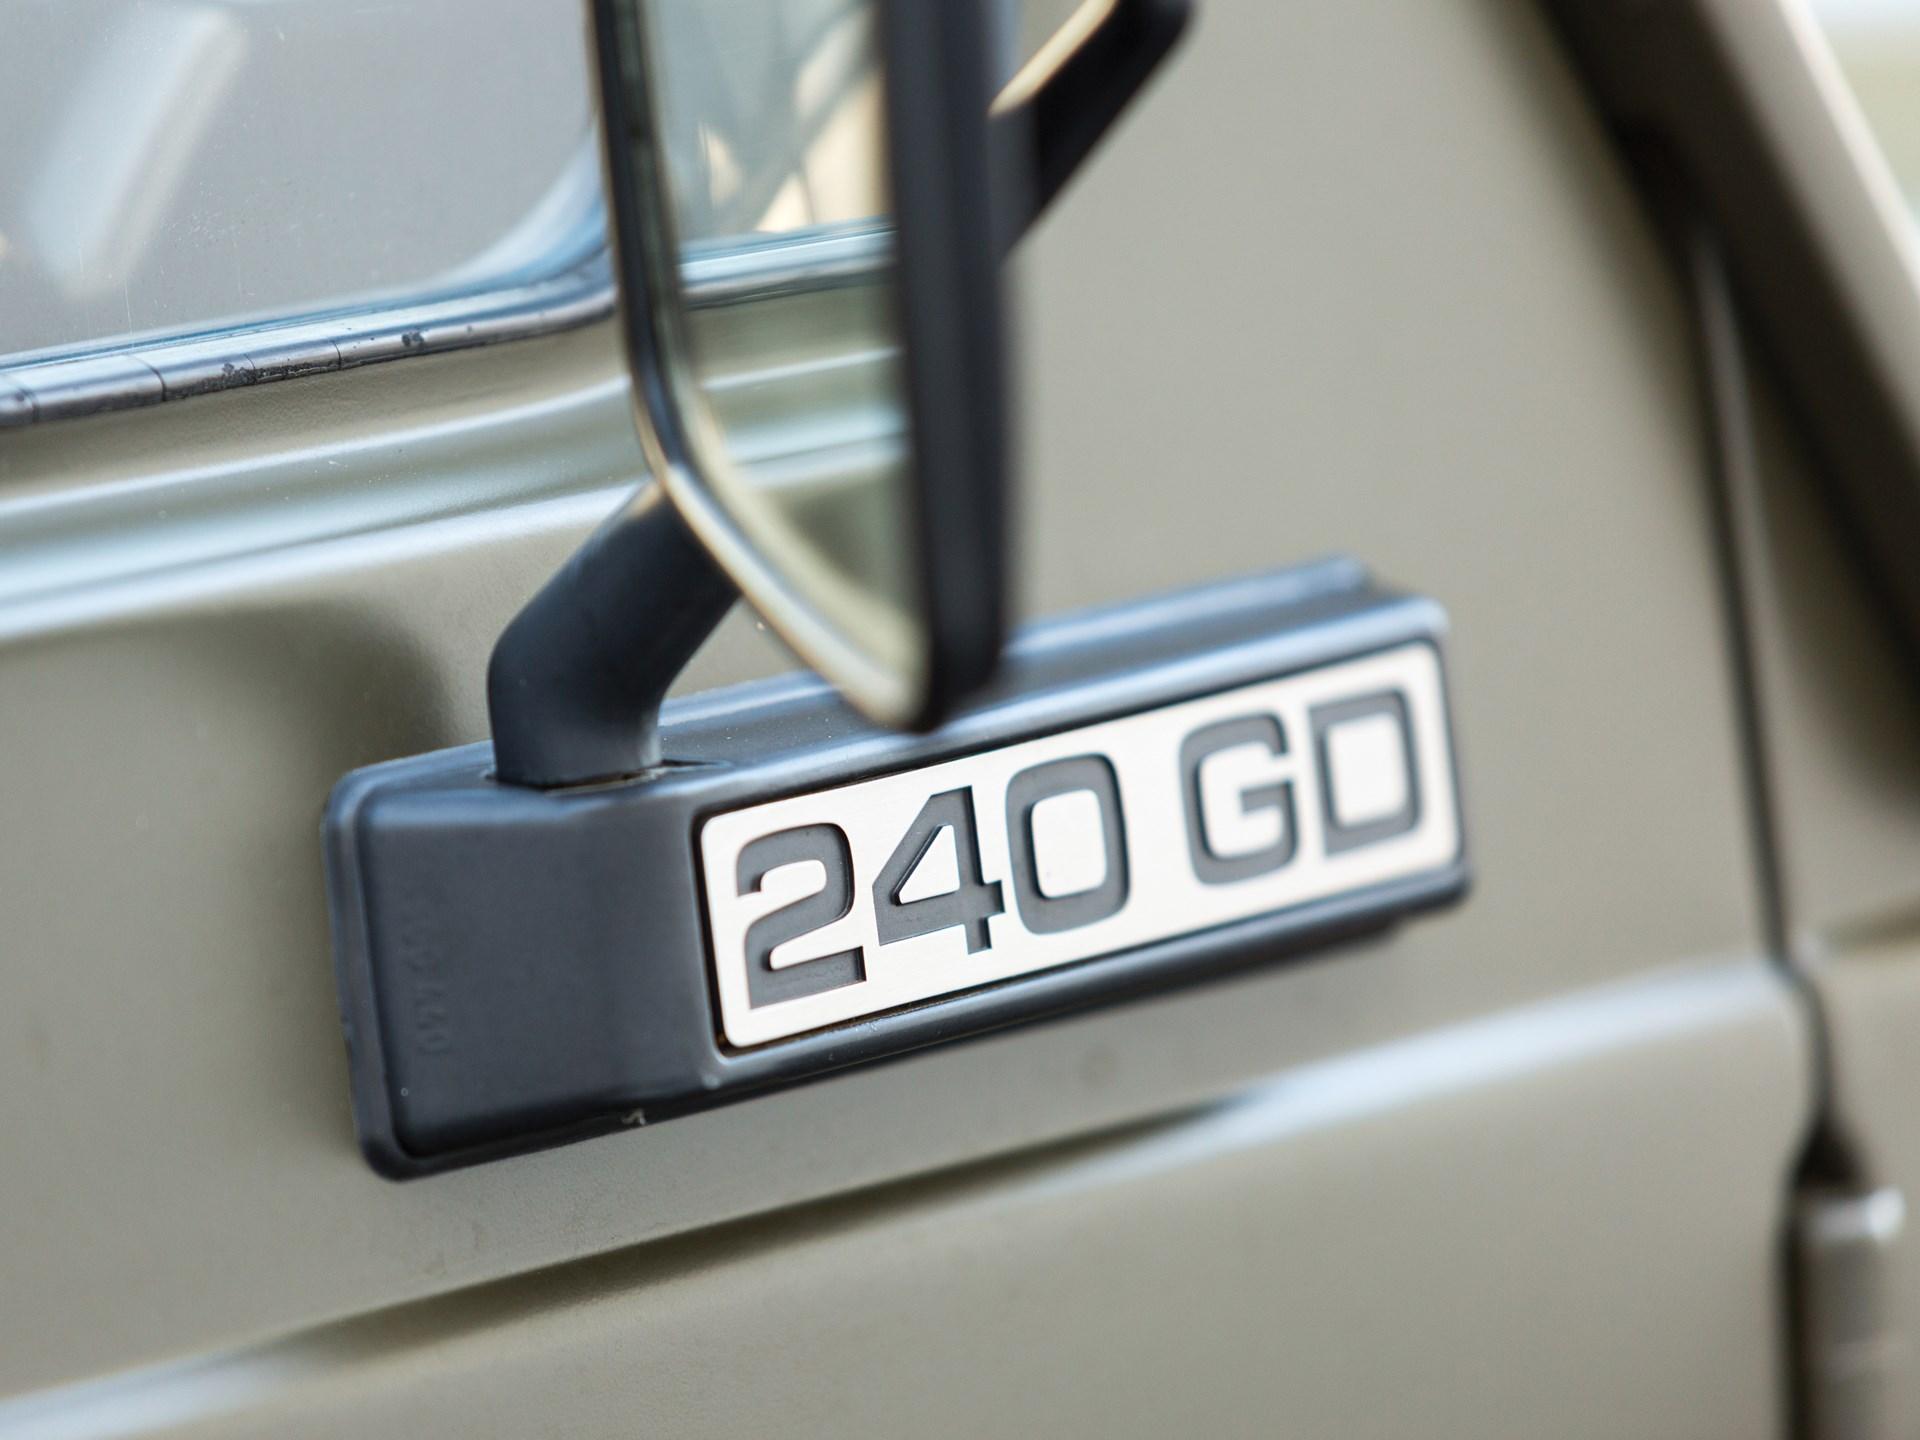 1984 Mercedes-Benz 240 GD